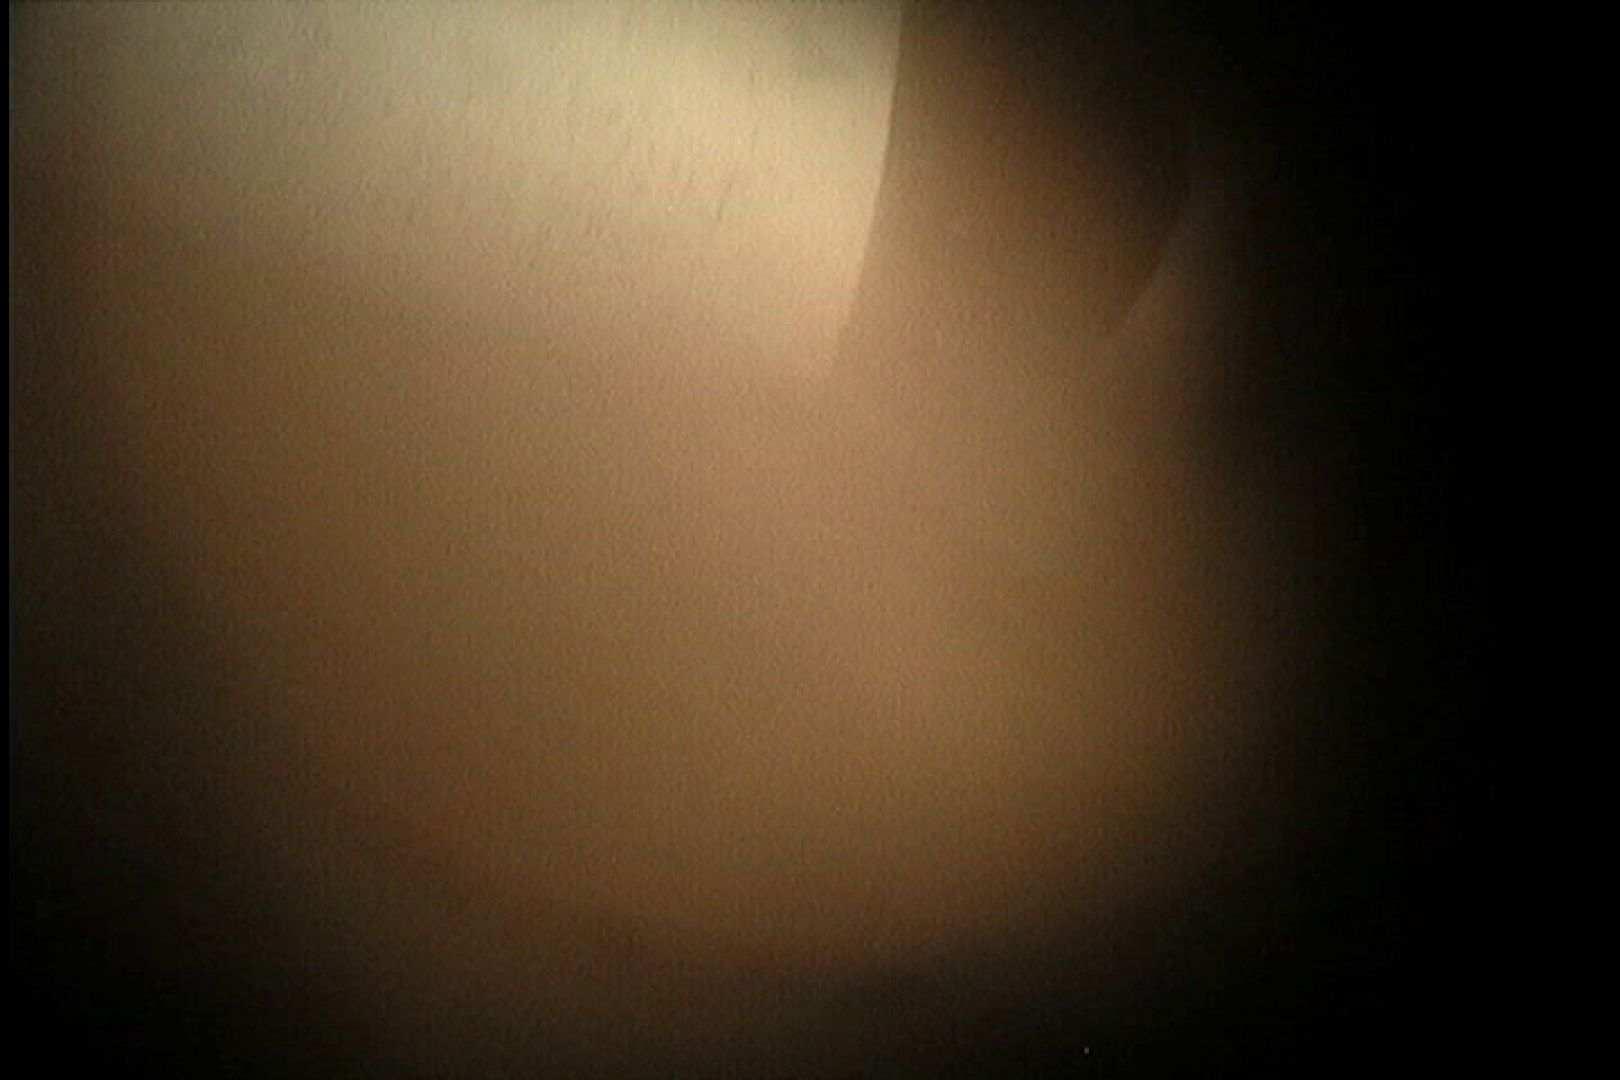 アダルトエロ動画|No.87 美乳お女市さんの乳首を接写!|怪盗ジョーカー